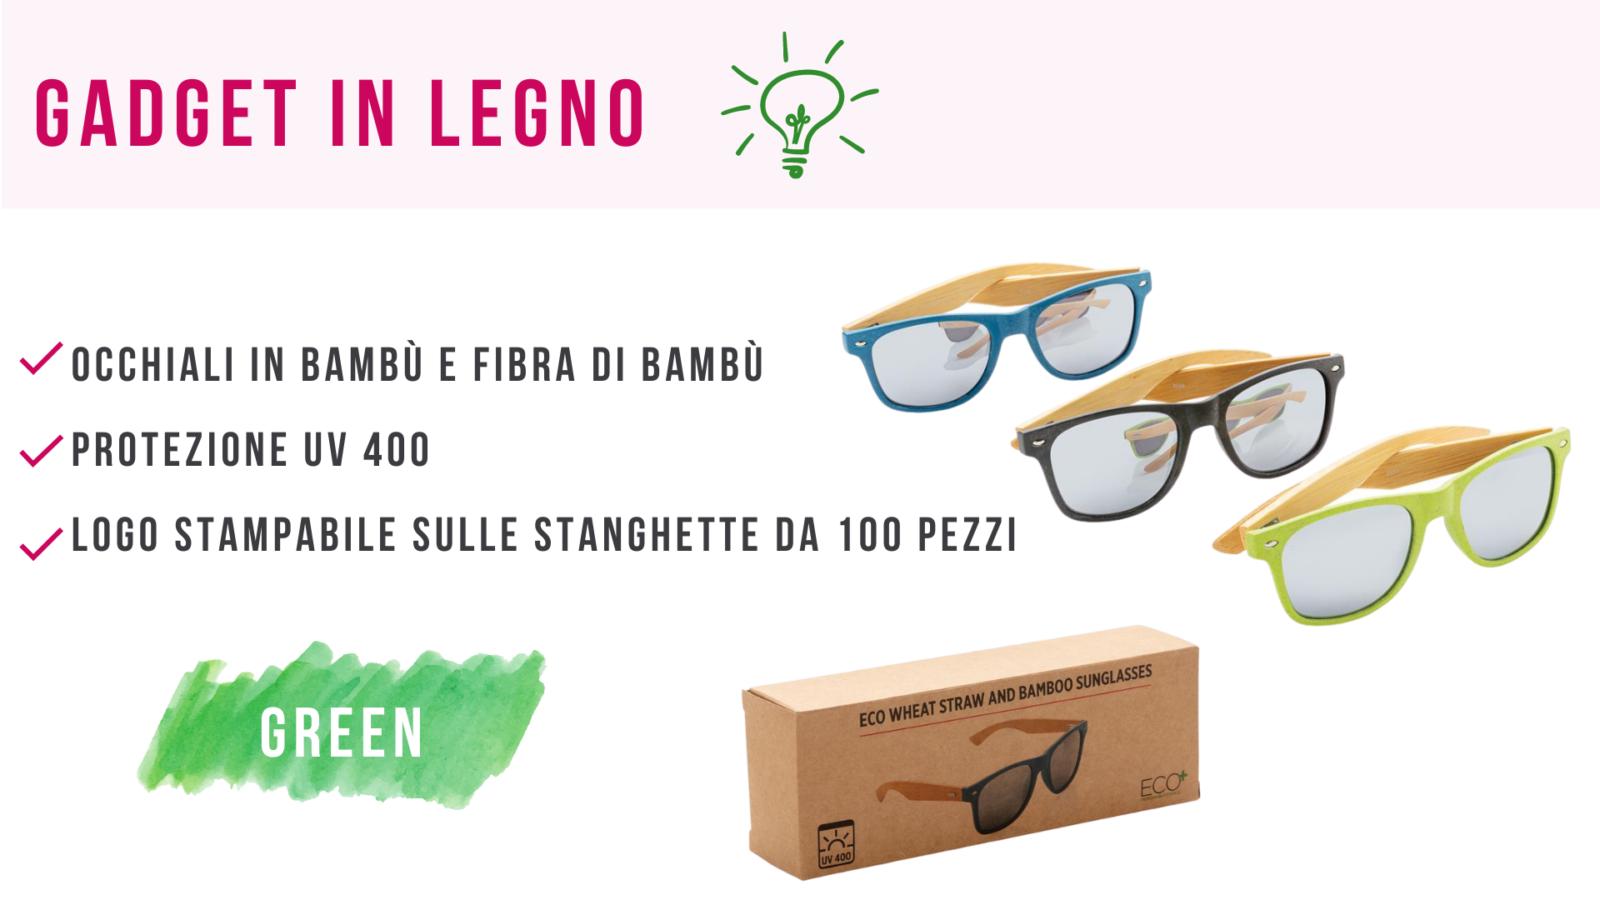 gadget in legno occhiali